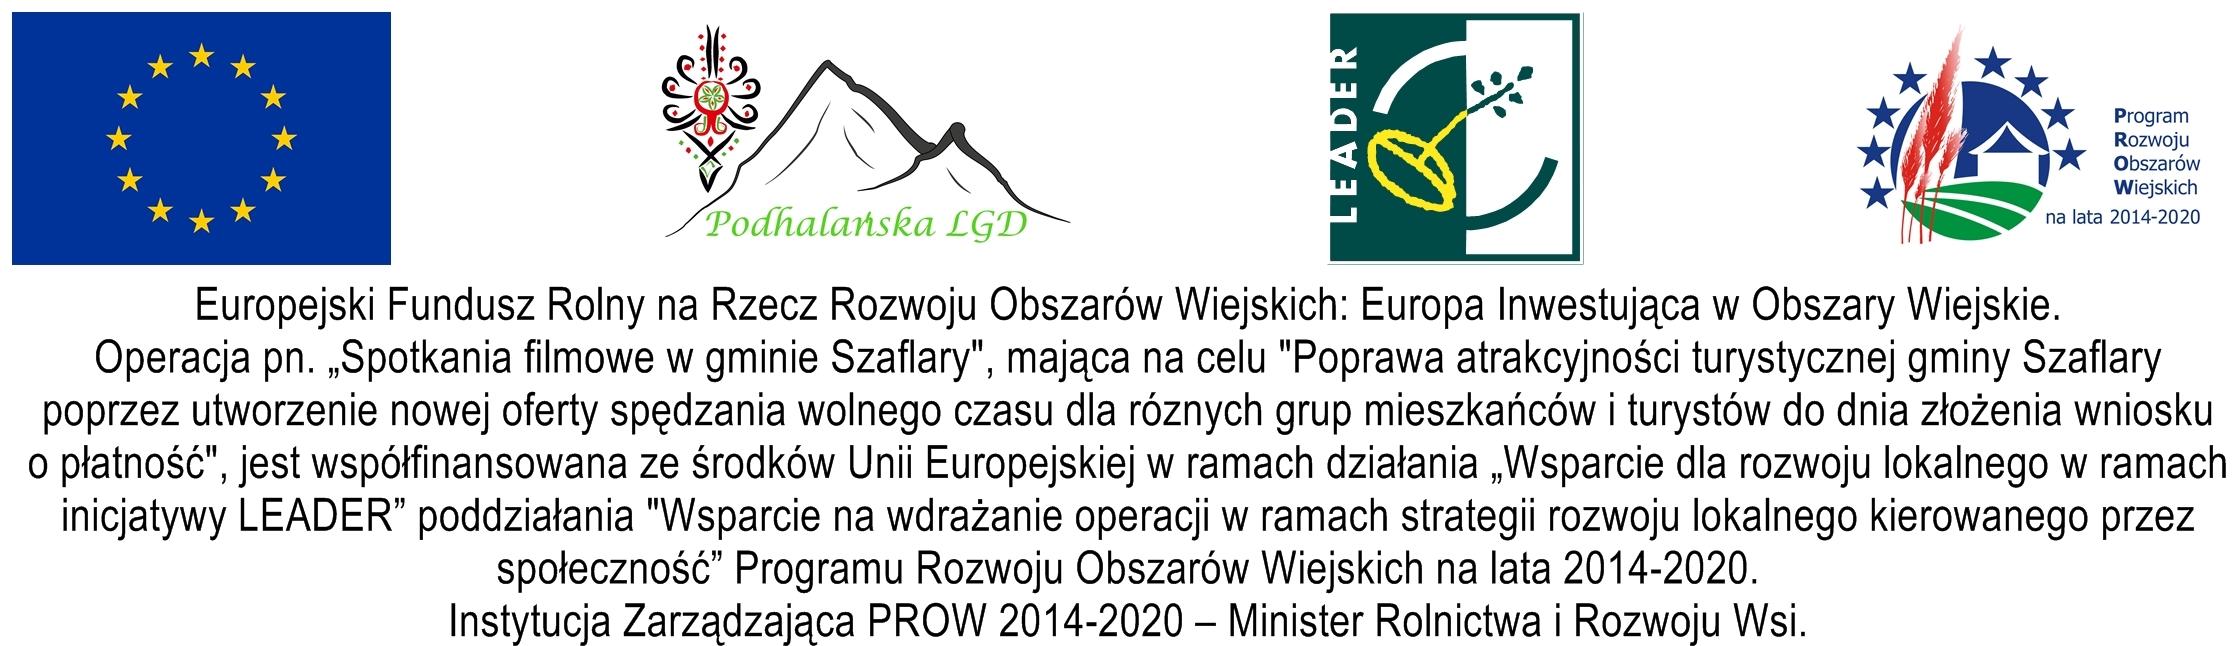 Stowarzyszenie dla rozwoju gm.Szaflary-Spotkania Filmowe...- tablica